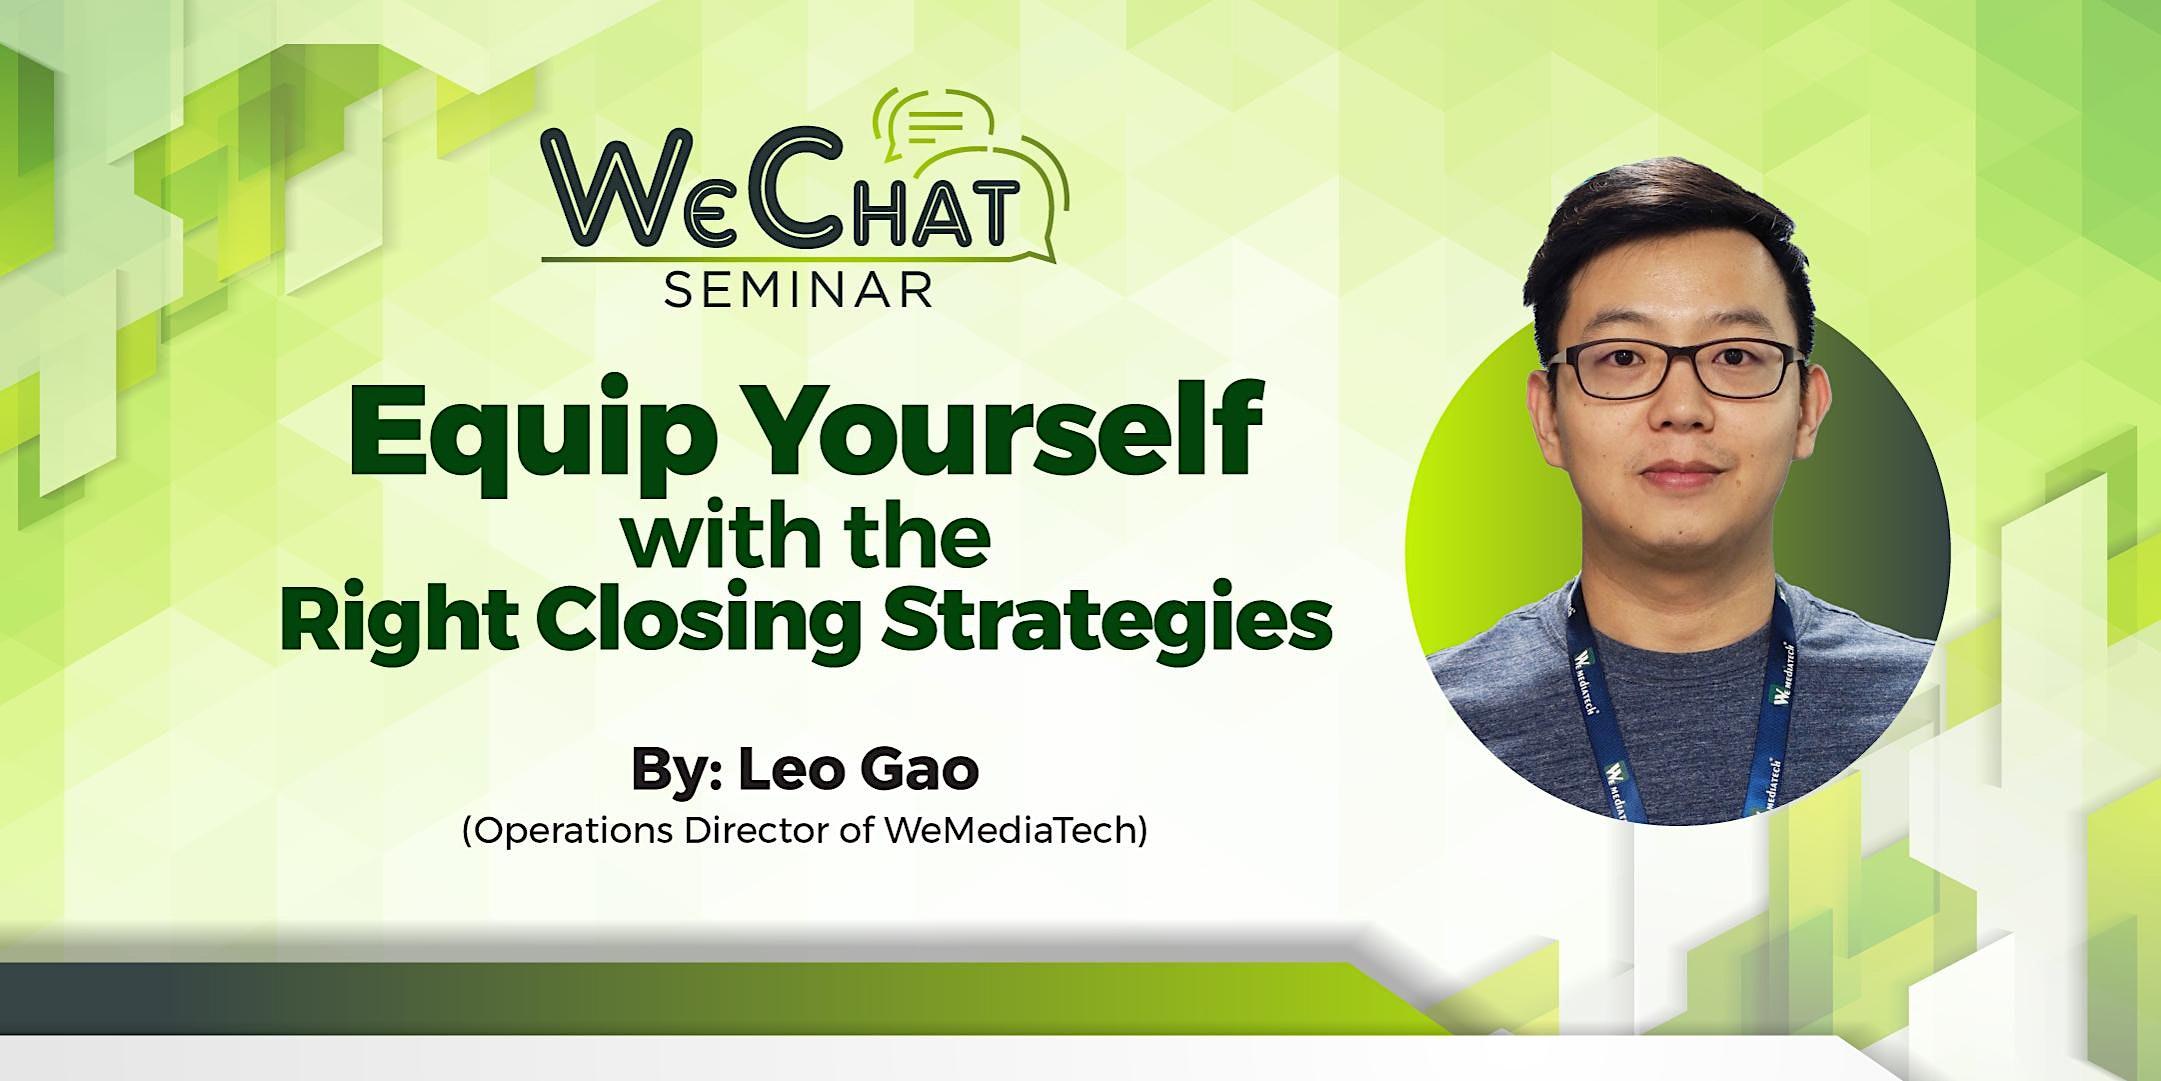 WeChat Seminar